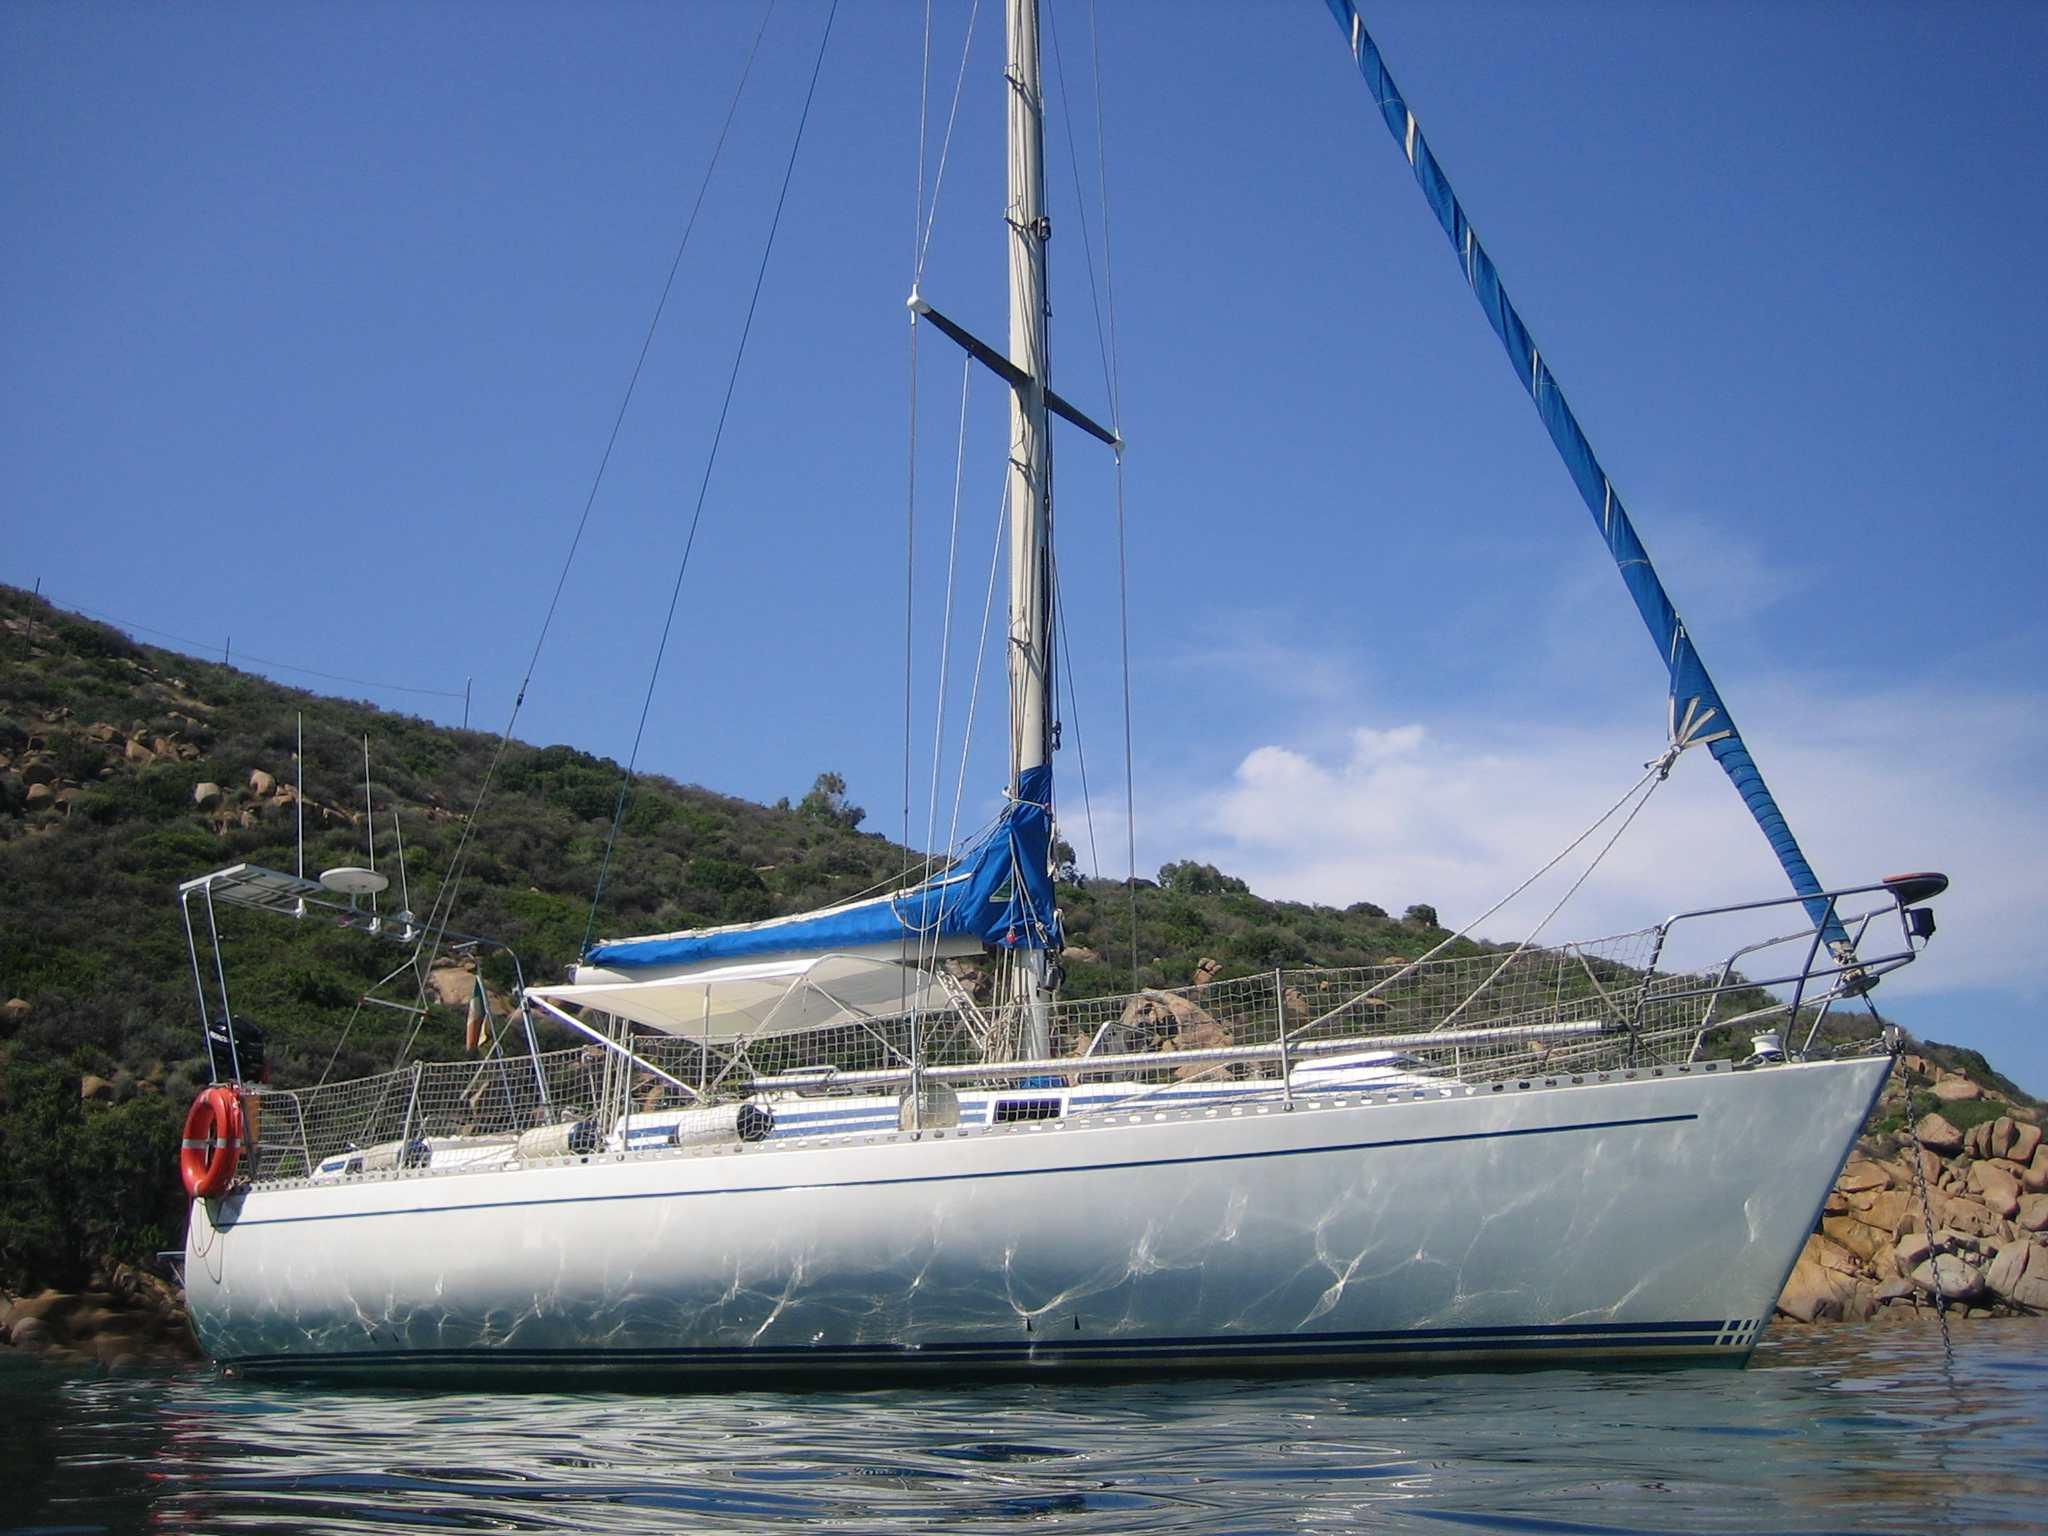 Barche a vela usate virdis morgana 34 roma 131 for Barche al largo con cabine